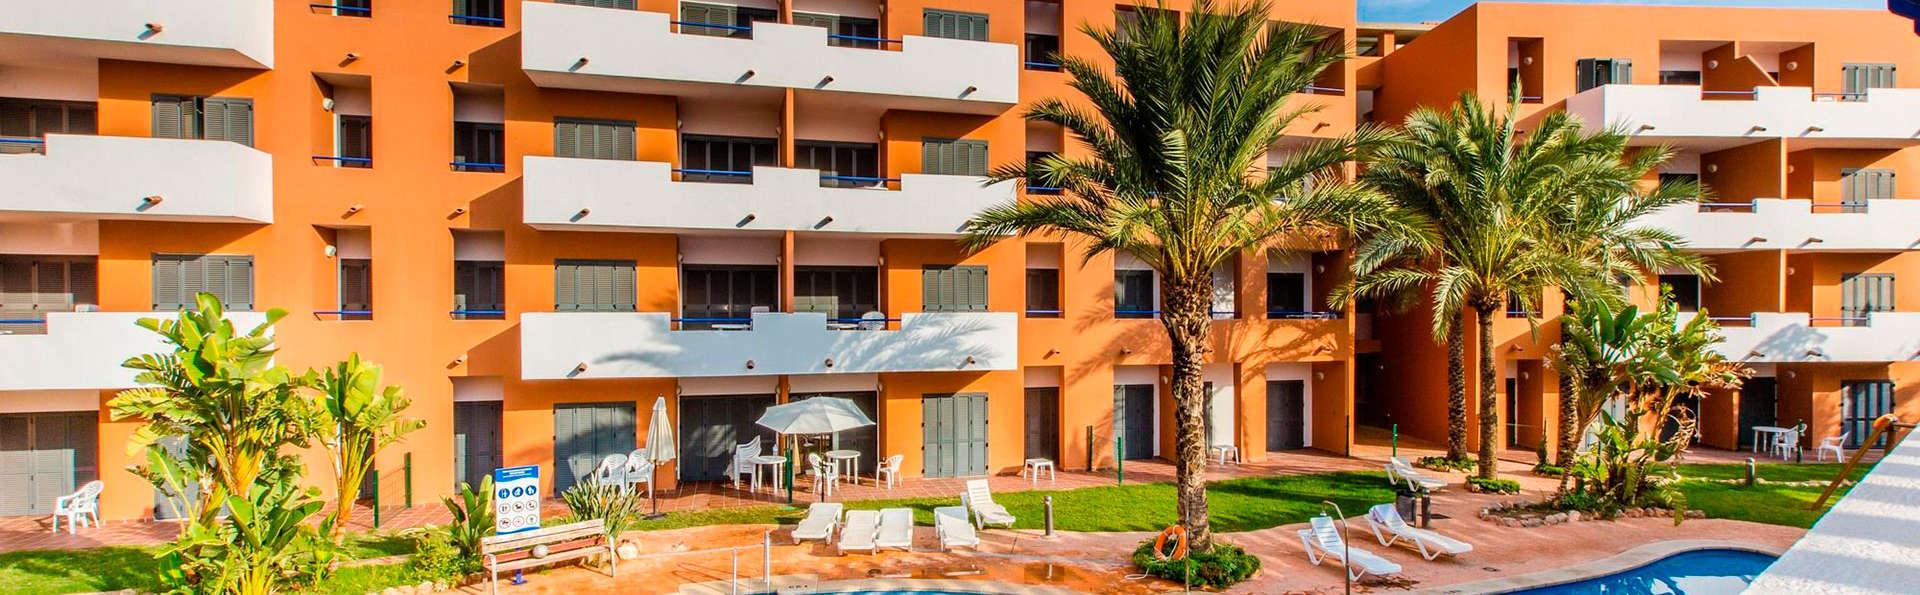 Apartamentos Turísticos Parque Tropical - EDIT_pool2.jpg